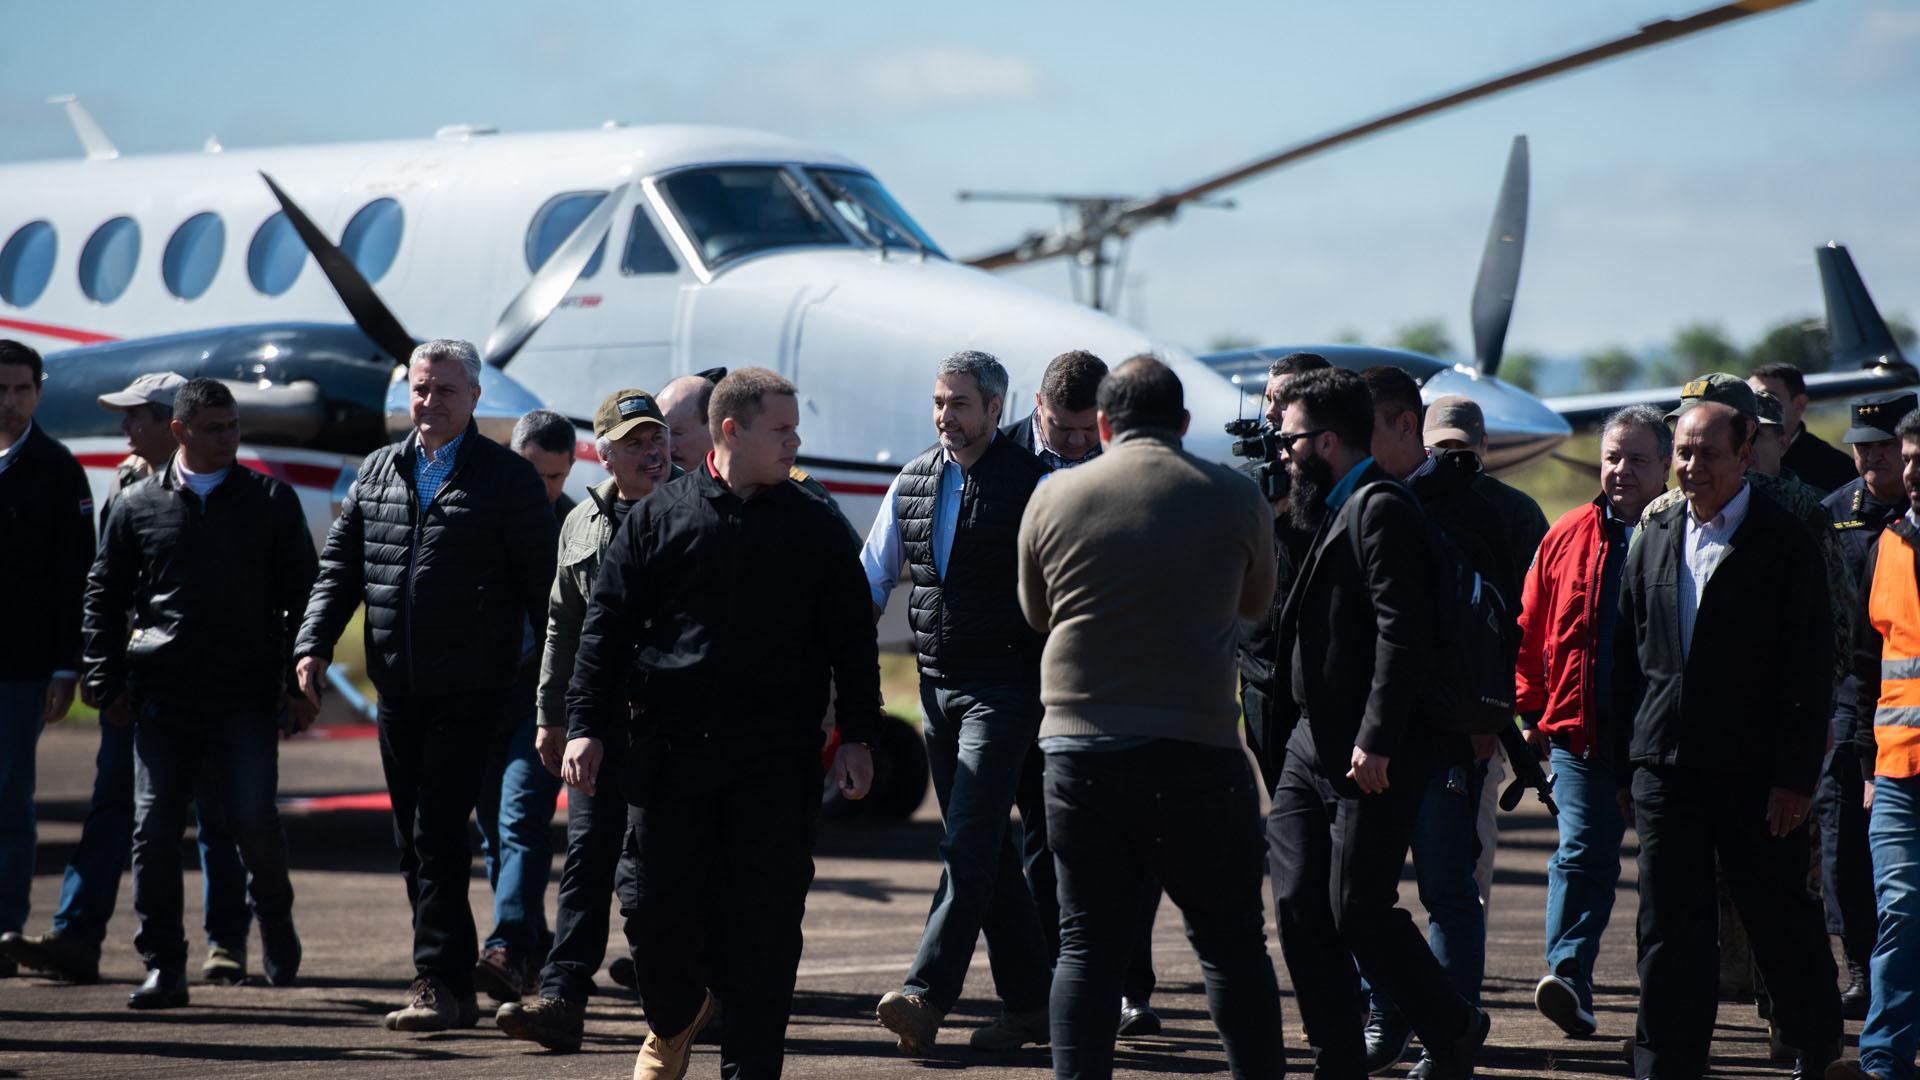 El presidente de Paraguay llega al aeropuerto de Pedro Juan Caballero con su comitiva.